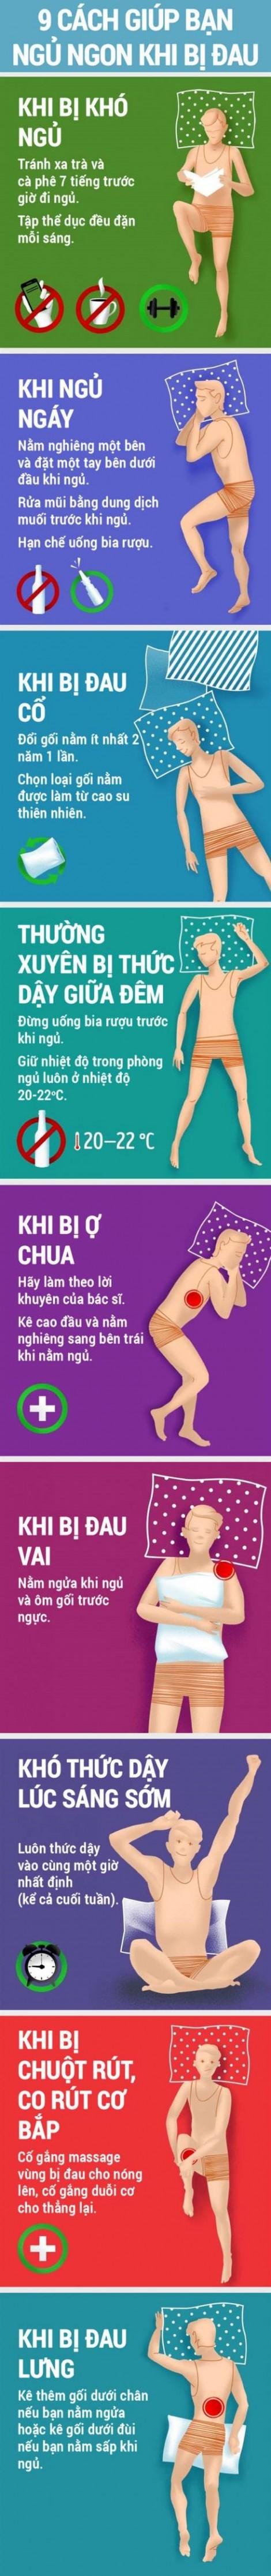 9 phương pháp giúp ngủ ngon khi bị đau